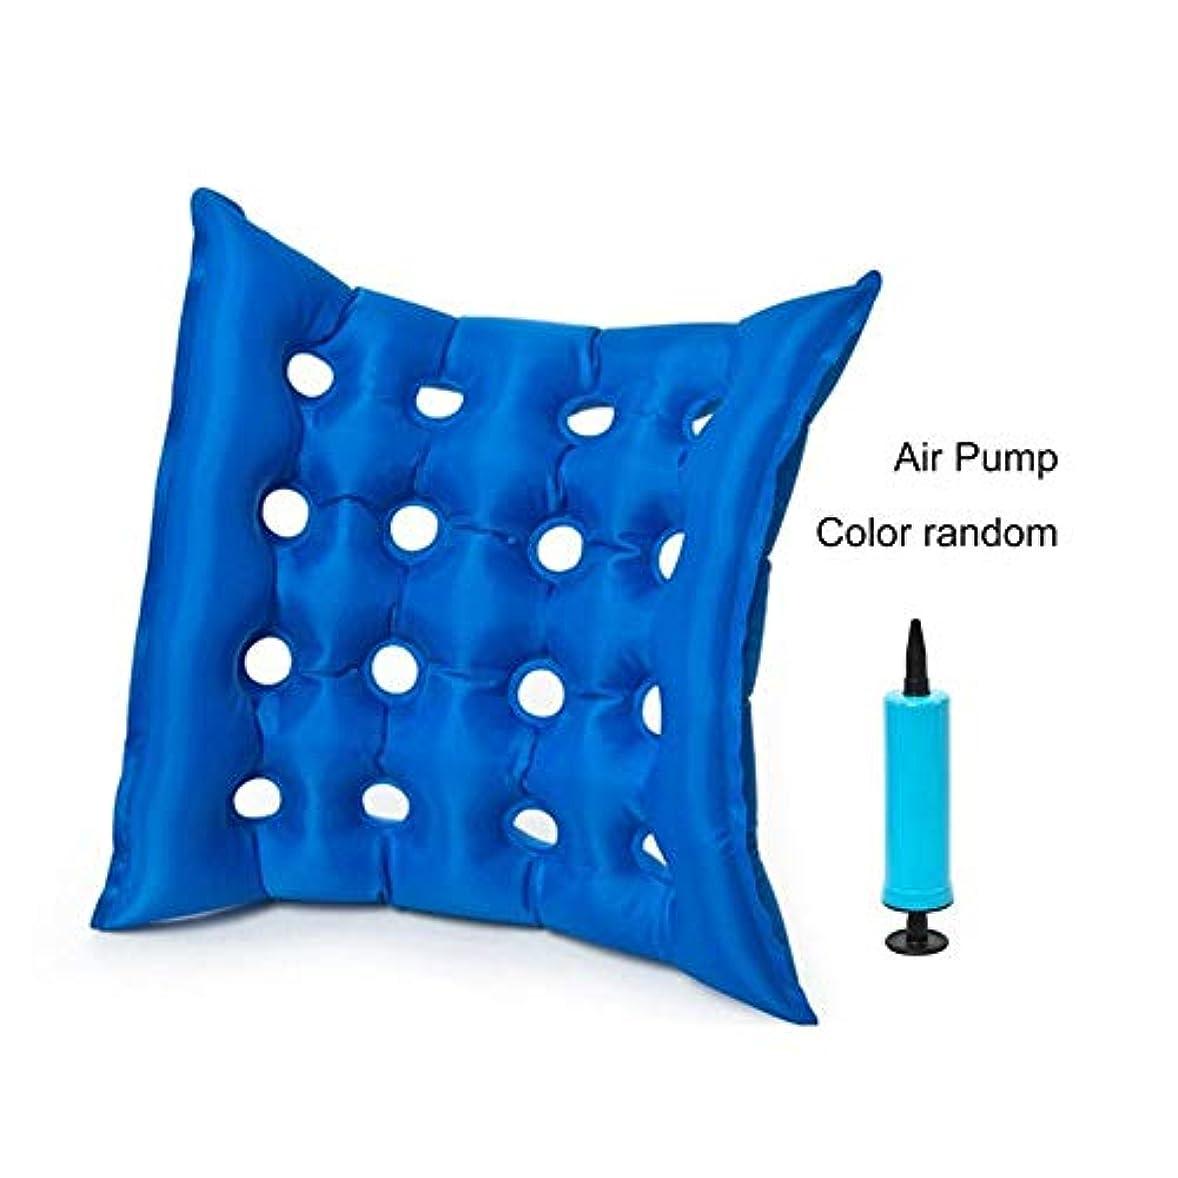 岸オーガニック色合いスクエアpvcホーム空気インフレータブル抗褥瘡褥瘡椅子パッド医療エアクッション車椅子マットヘルスケア(Color:blue)